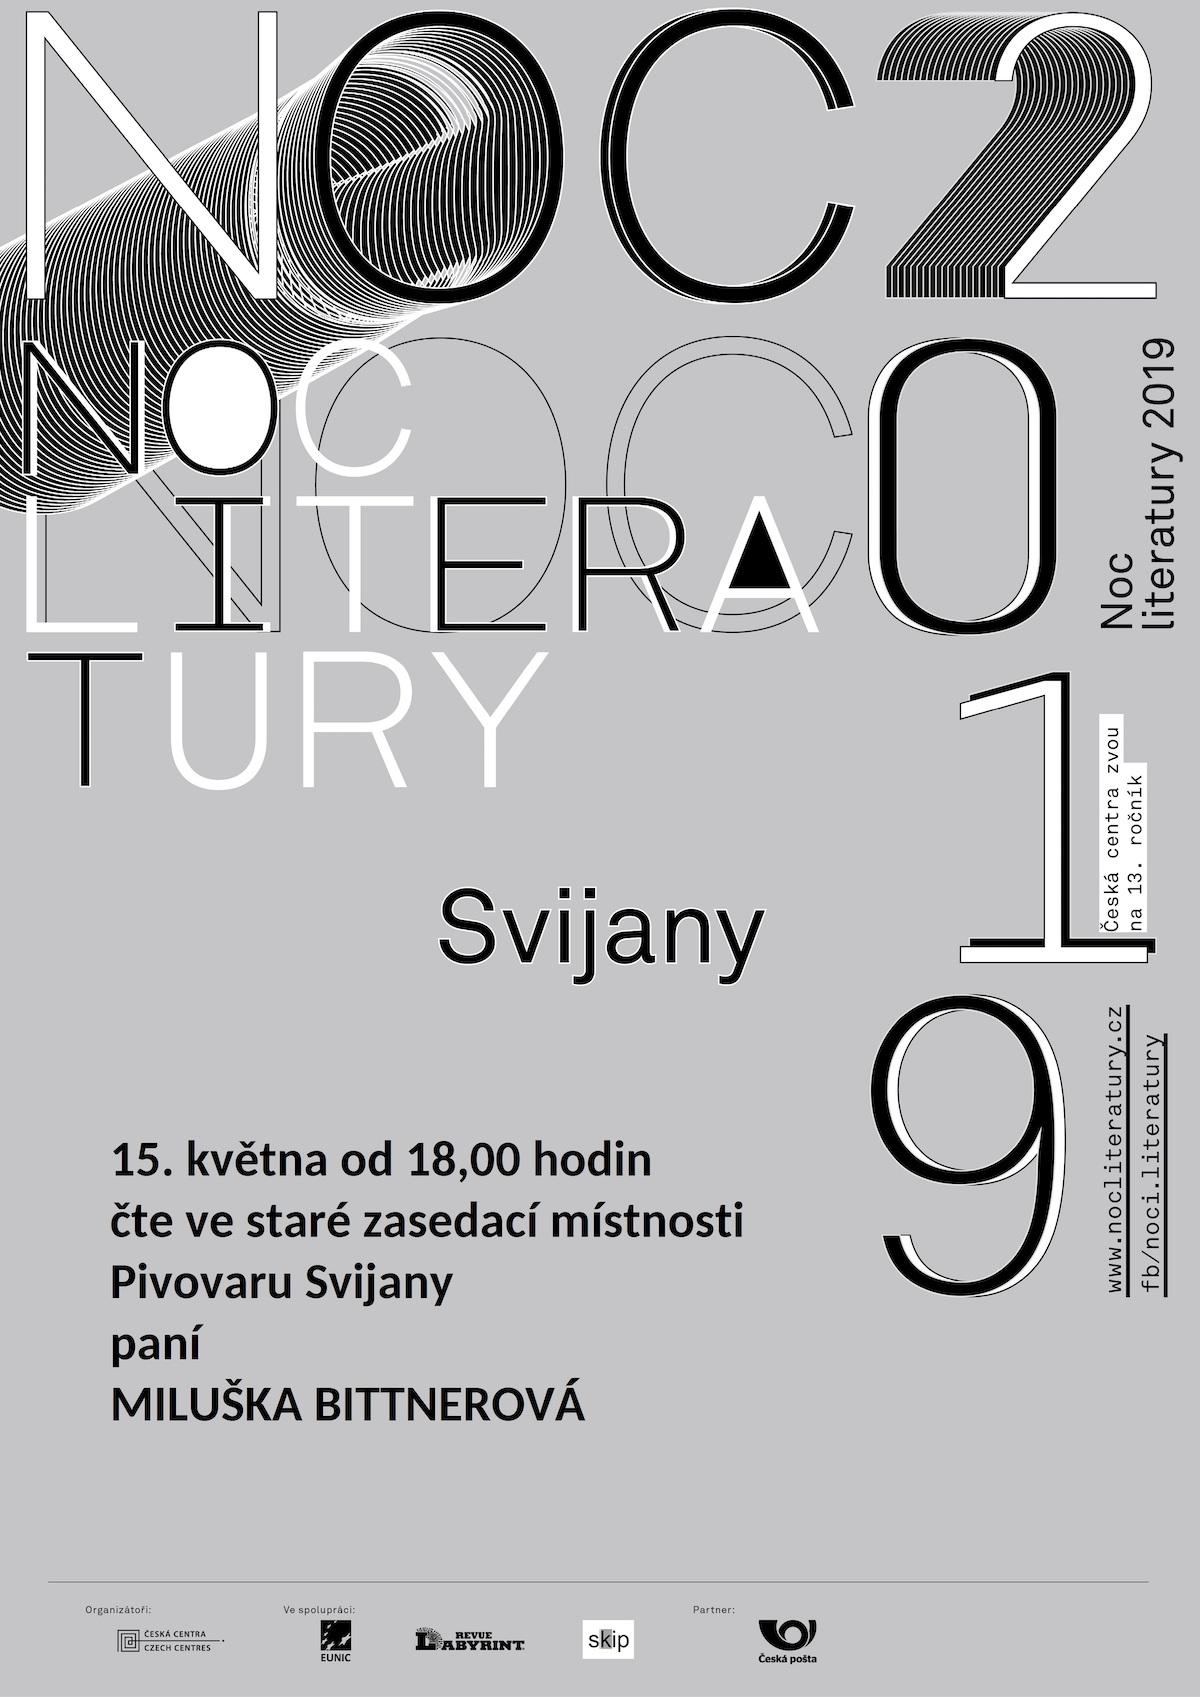 Svijany-NL-2019-A3-4 s textem